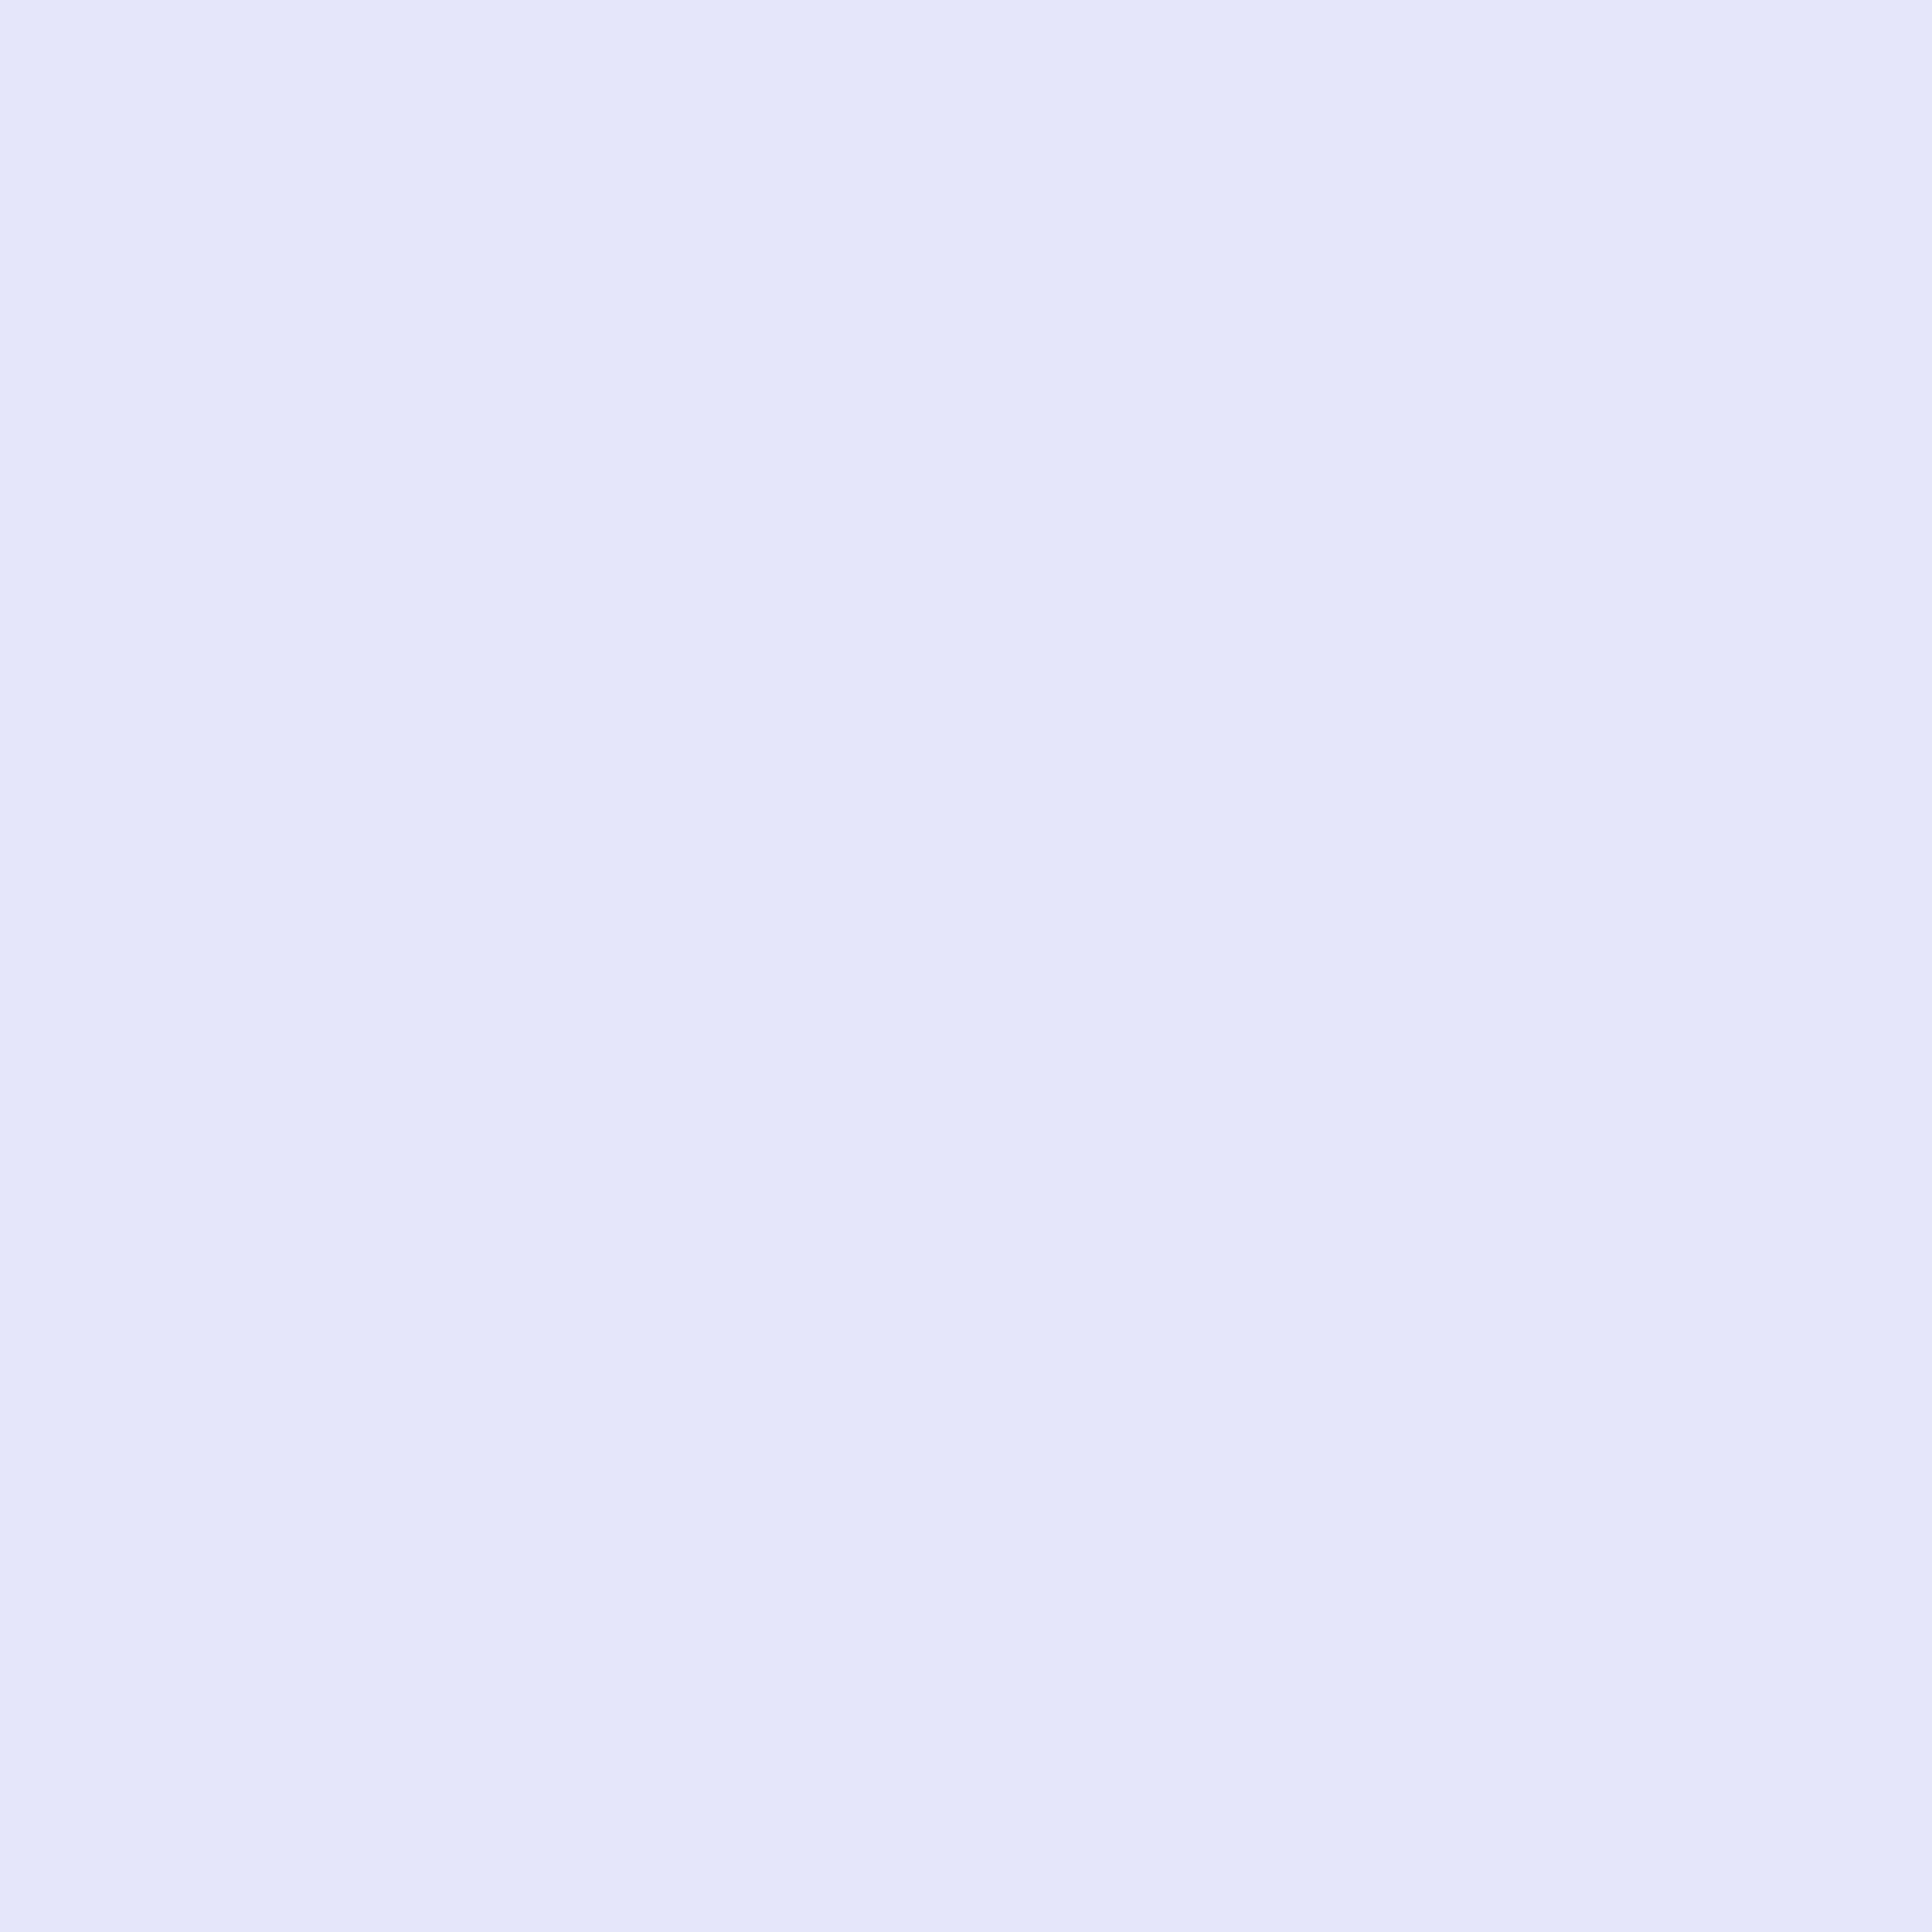 2048x2048 Lavender Mist Solid Color Background